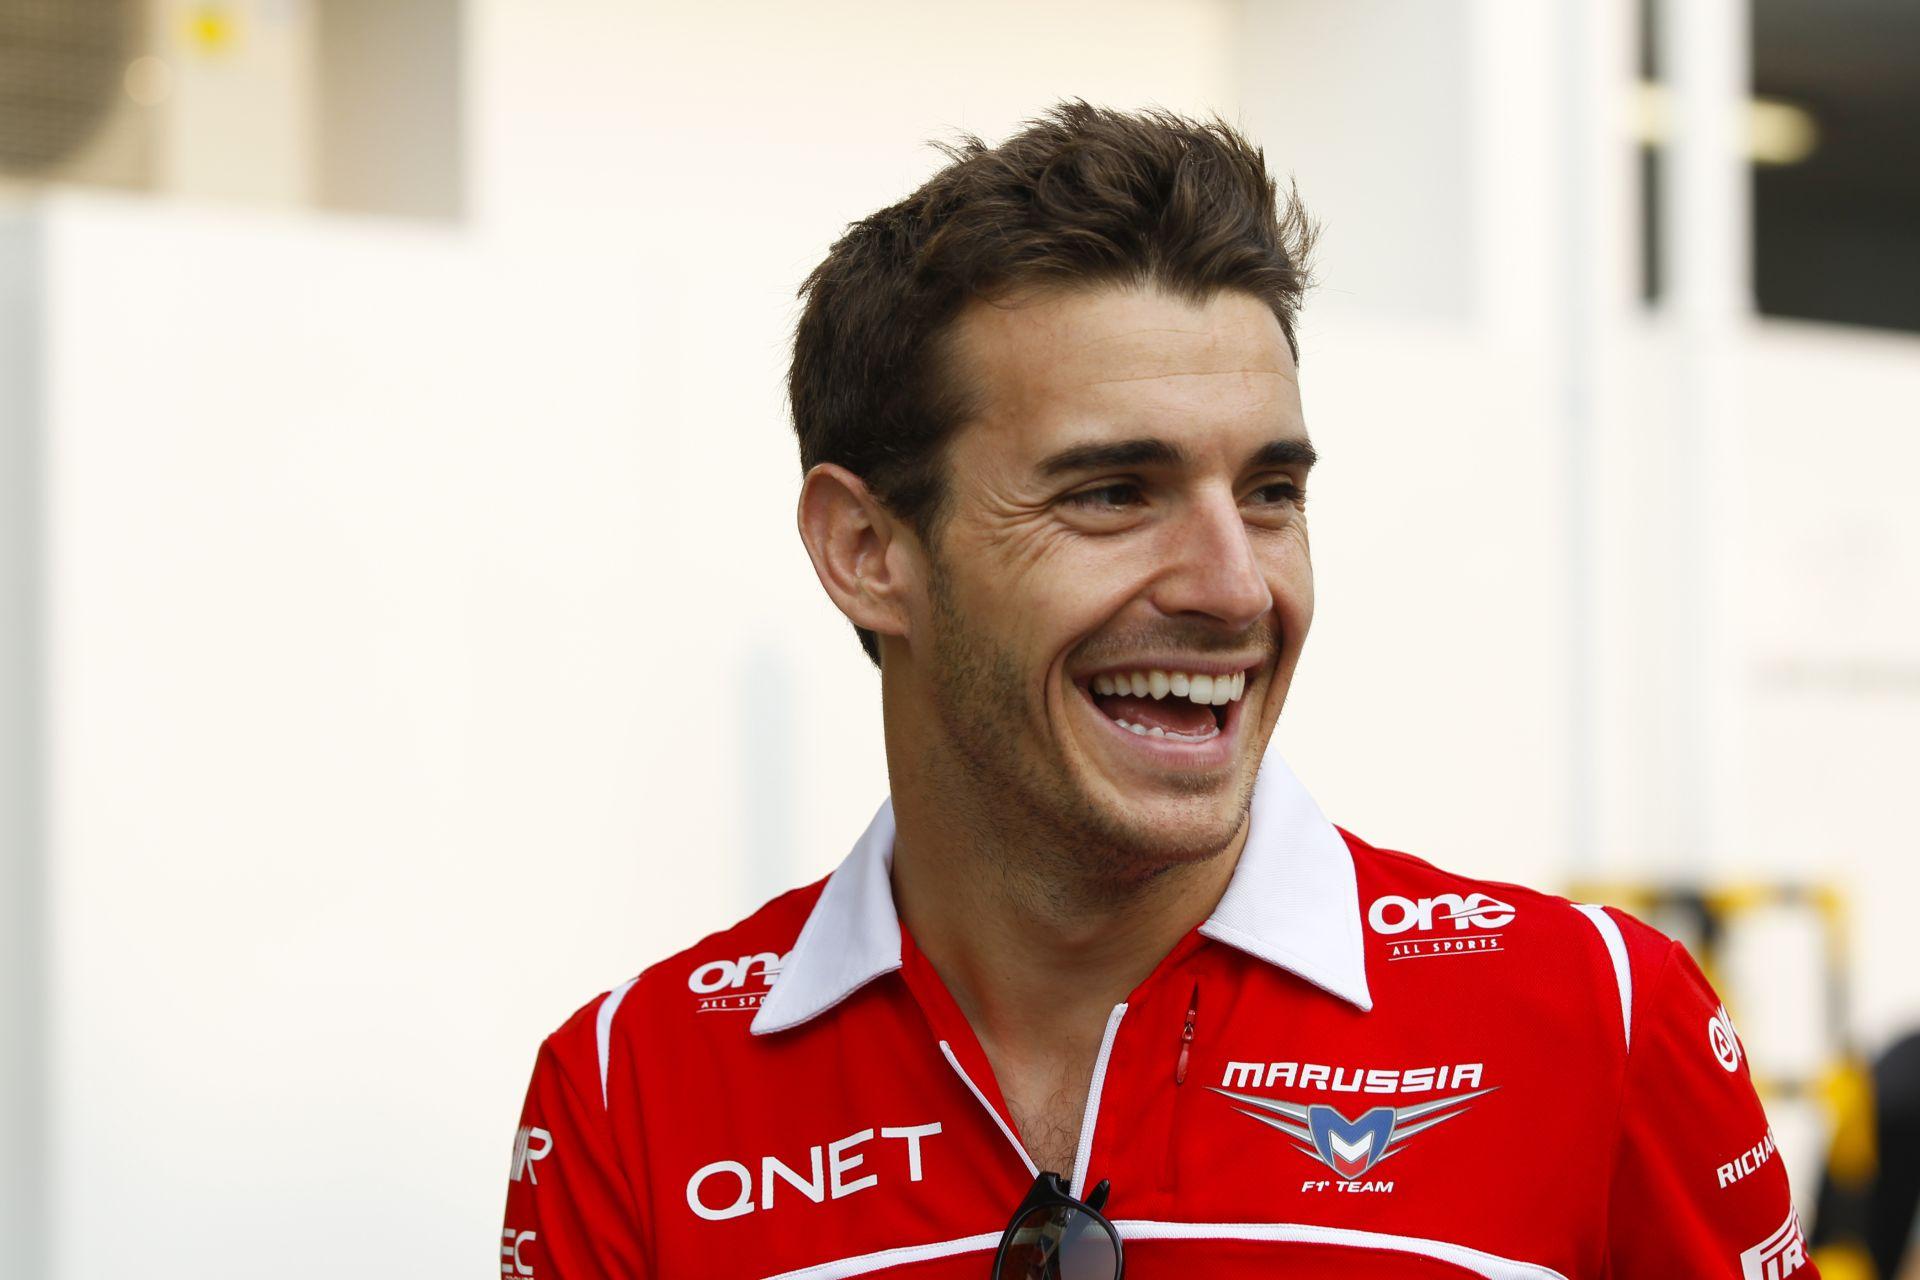 A monacói pontszerzők élén Nico Rosberg áll 102 egységgel, de ott van Jules Bianchi is!